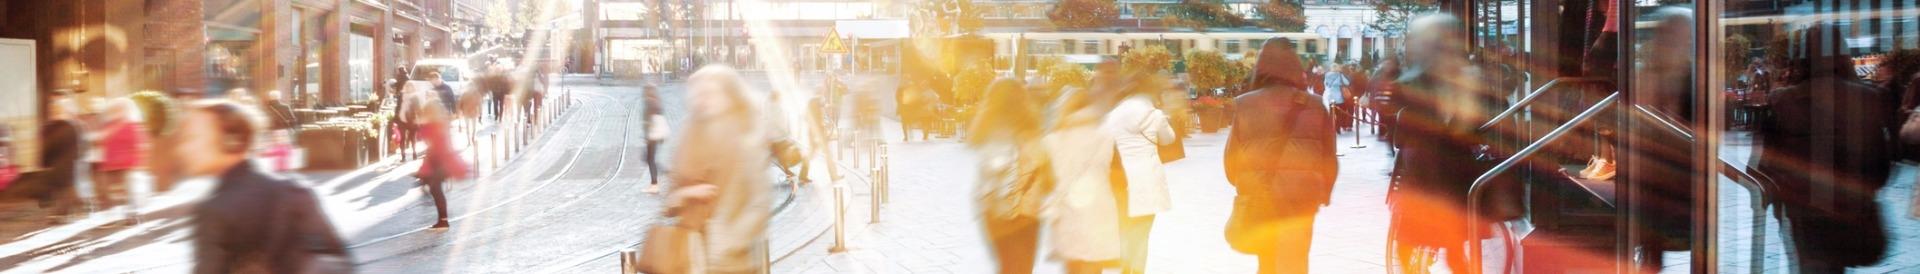 Dynamique de l'emploi dans les métropoles et les territoires avoisinants